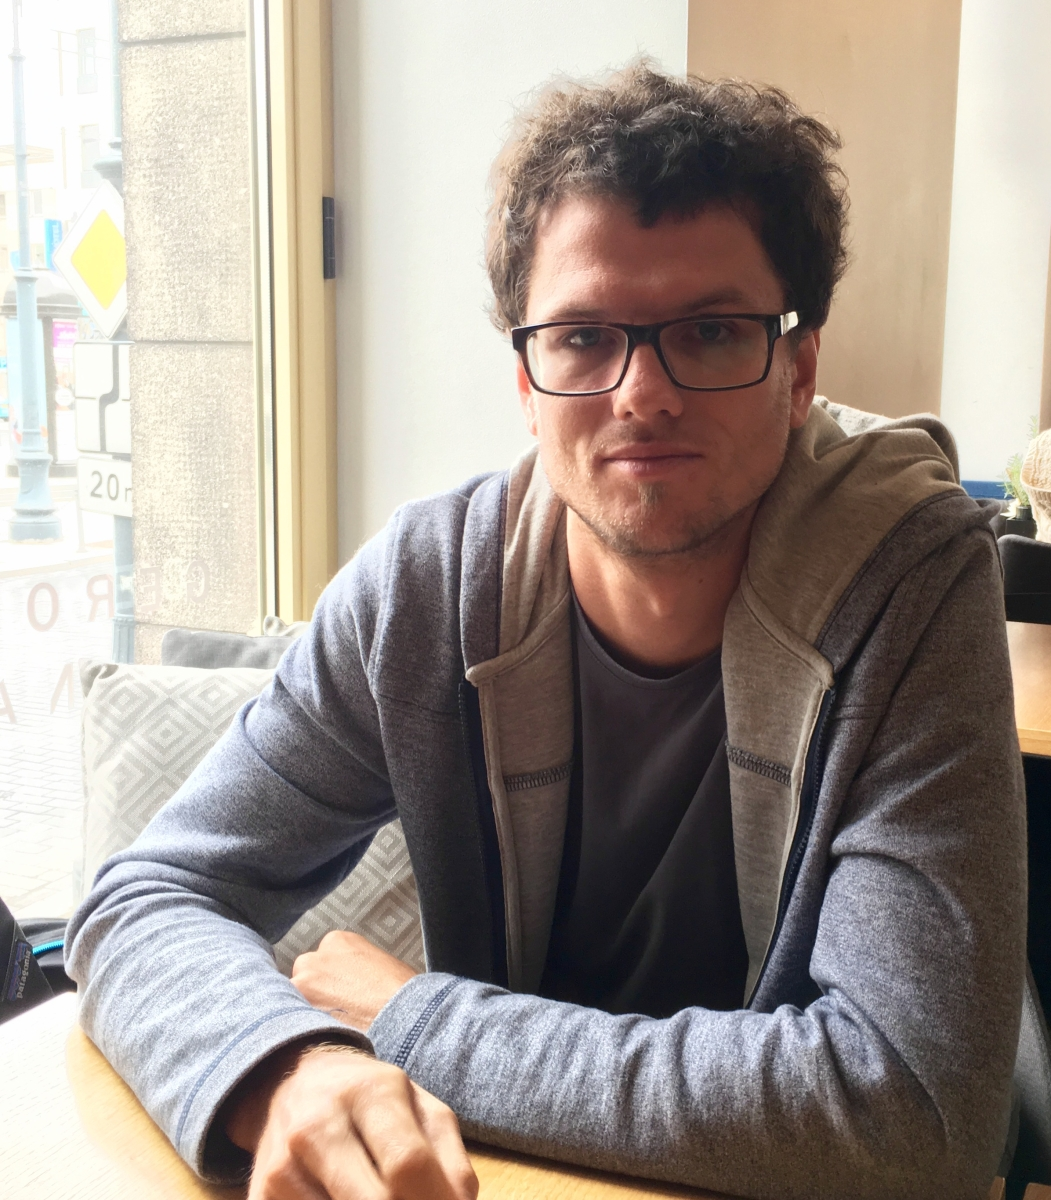 Андрюс Славуцкис из MSF: «Чувство нужности и полезности не может сравниться ни с чем»